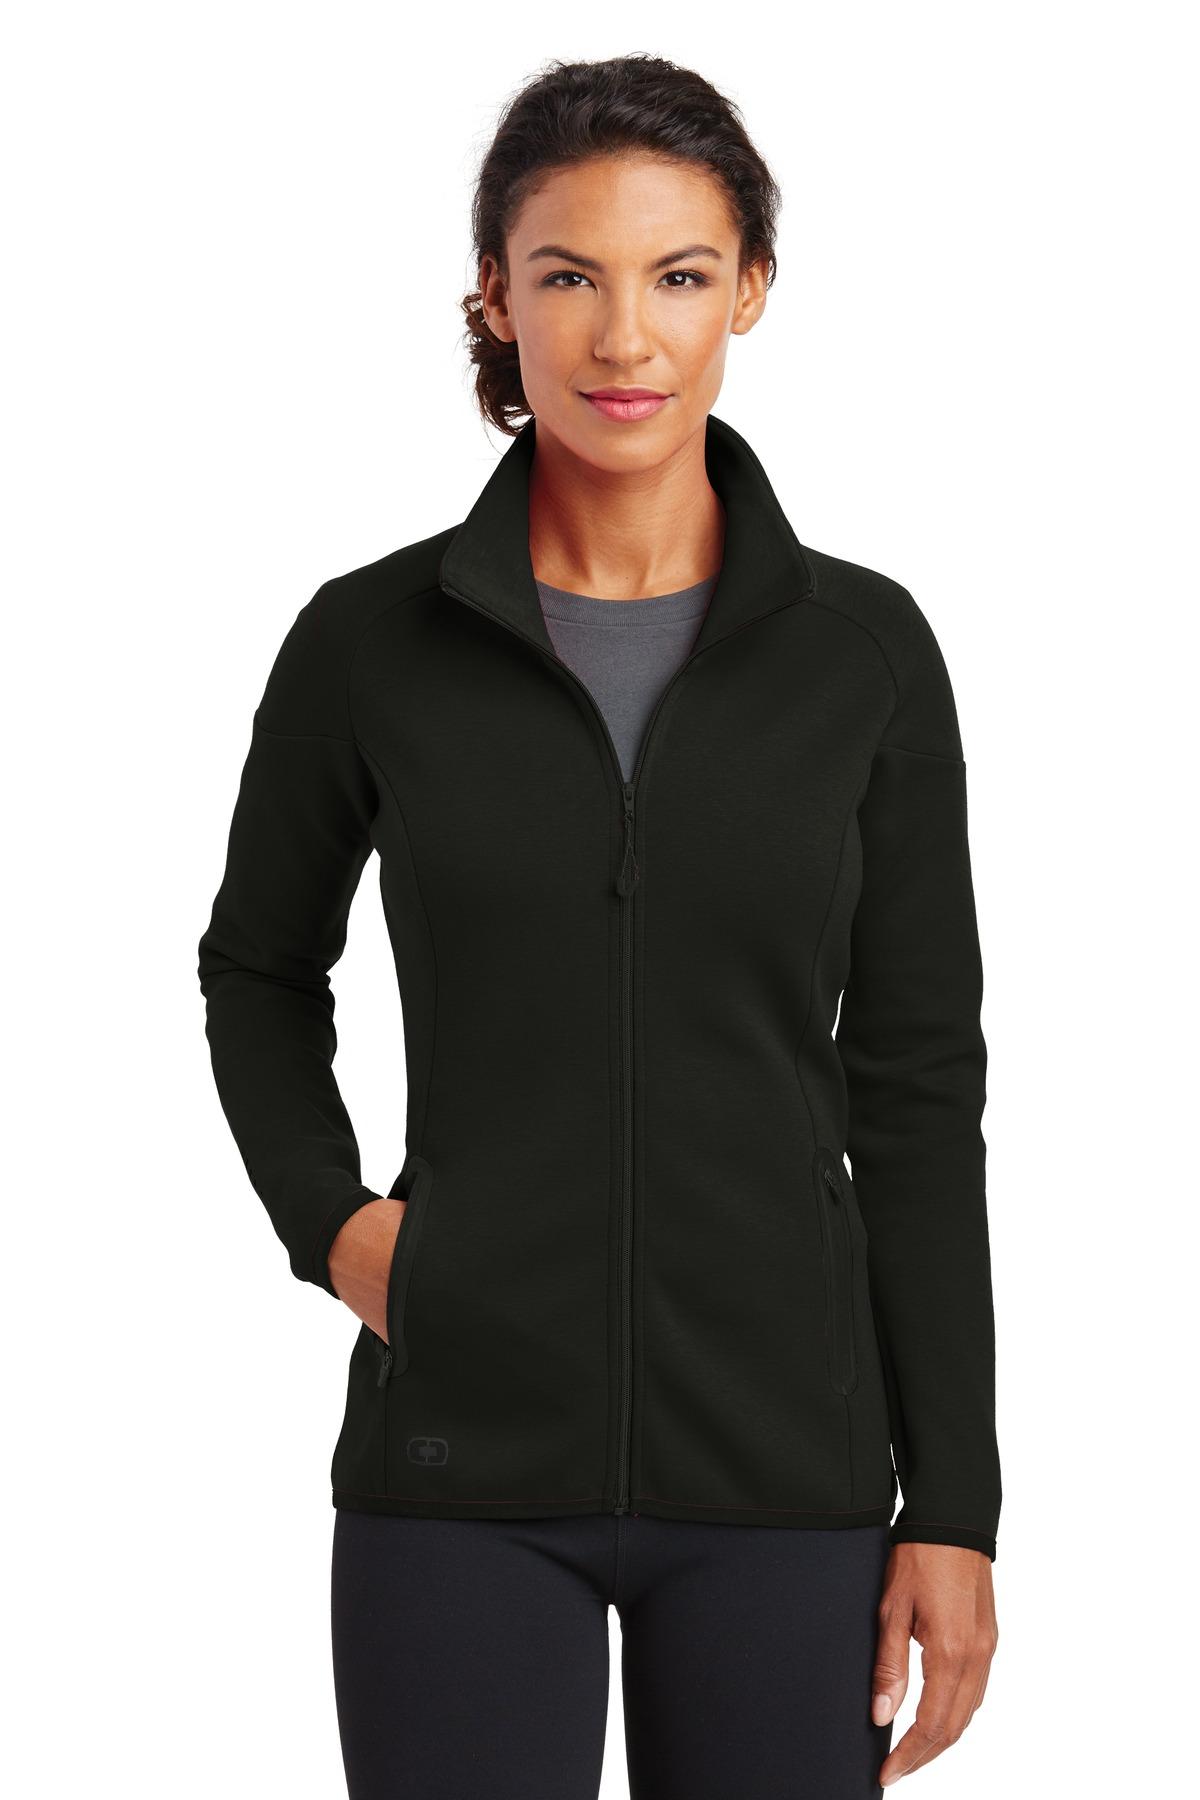 OGIO  ENDURANCE Ladies Origin Jacket. LOE503